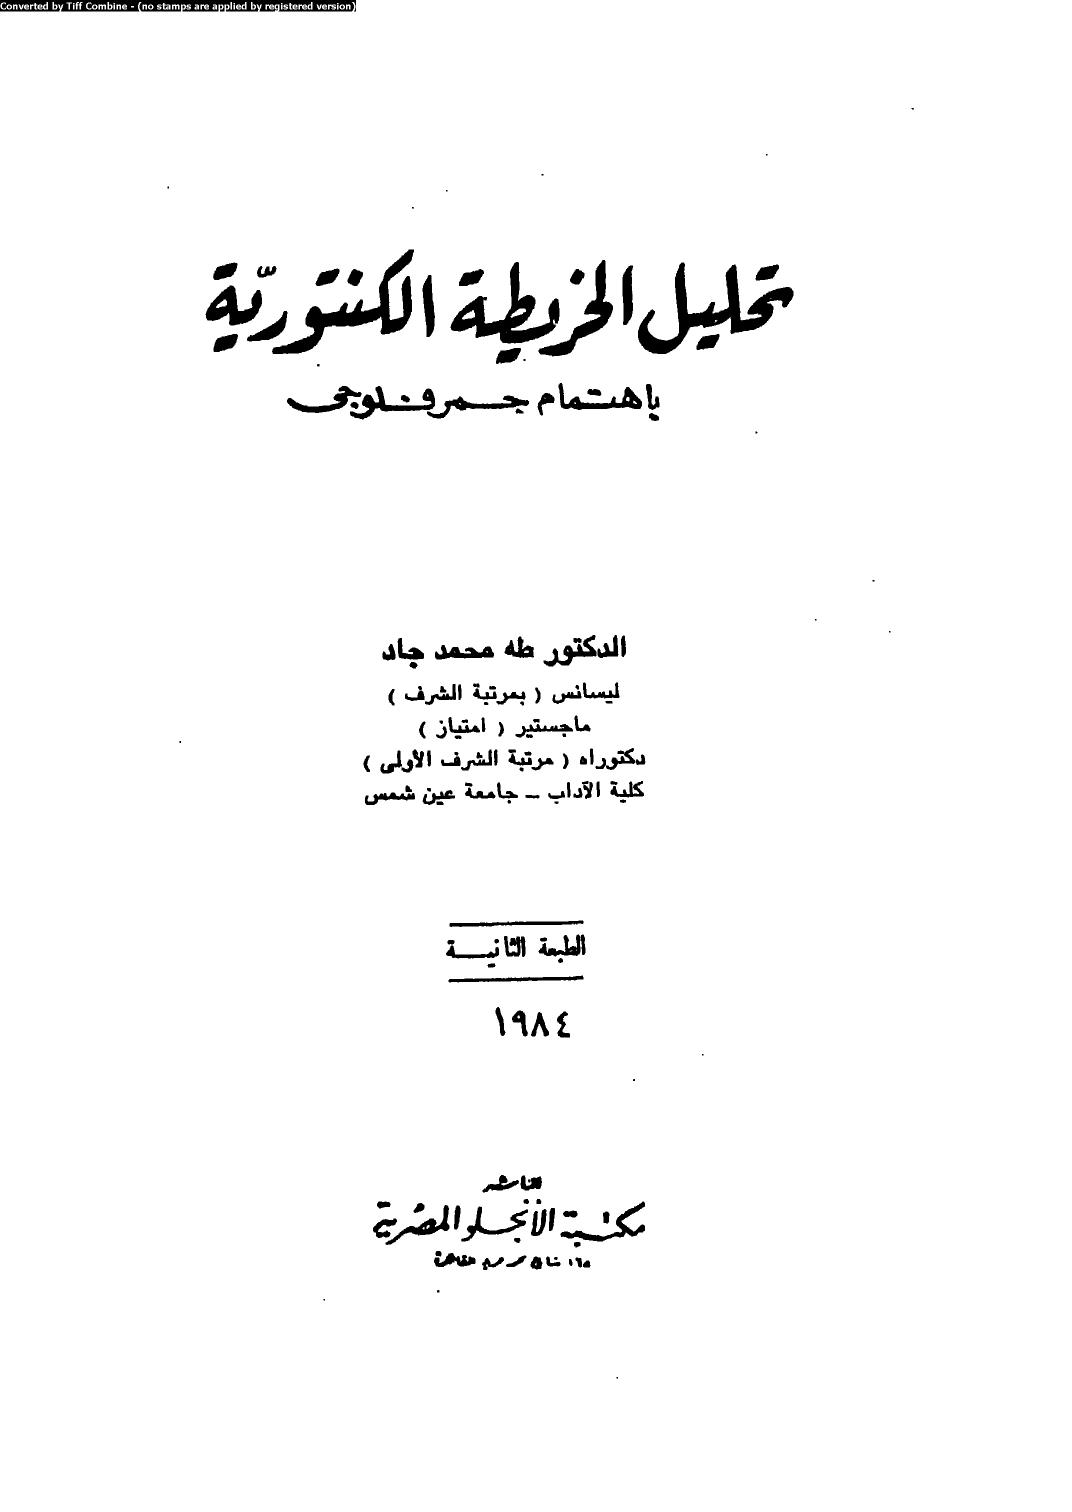 تحميل وقراءة أونلاين كتاب تحليل الخريطة الكنتورية بإهتمام جمرفلوجى pdf مجاناً تأليف د. طه محمد جاد | مكتبة تحميل كتب pdf.